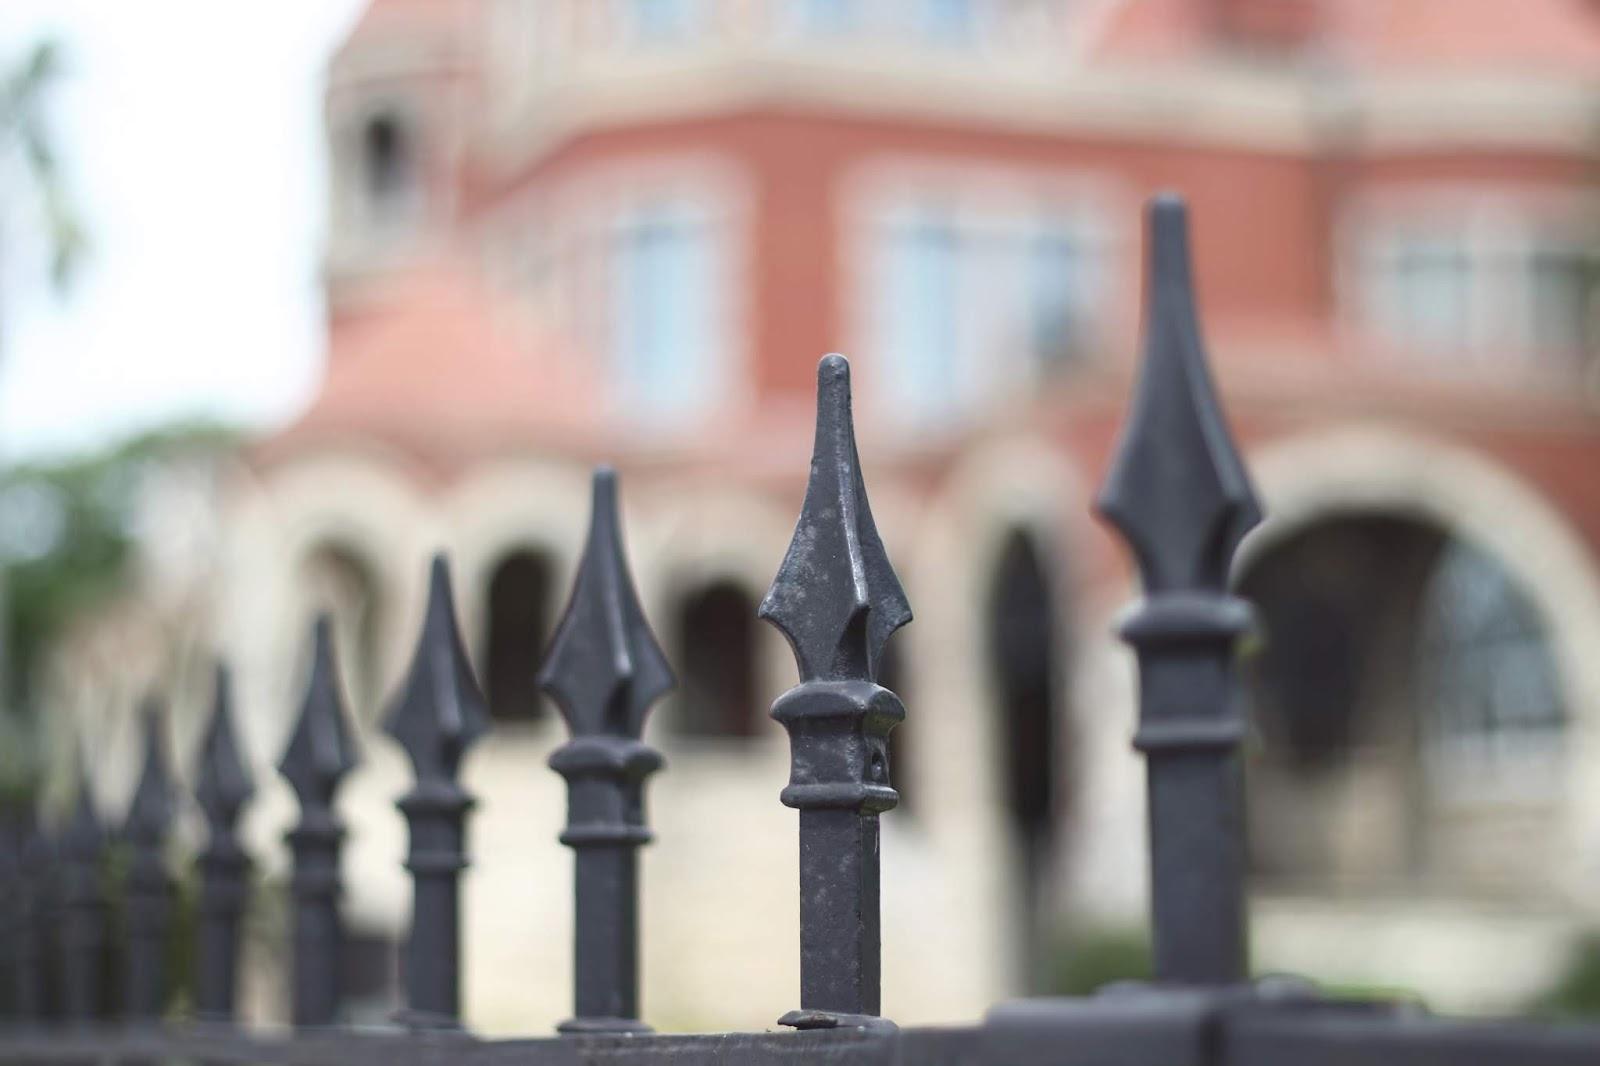 Bishop's palace galveston, history in Galveston, mansion tours in Galveston, mansions in Galveston, touring Bishop's palace